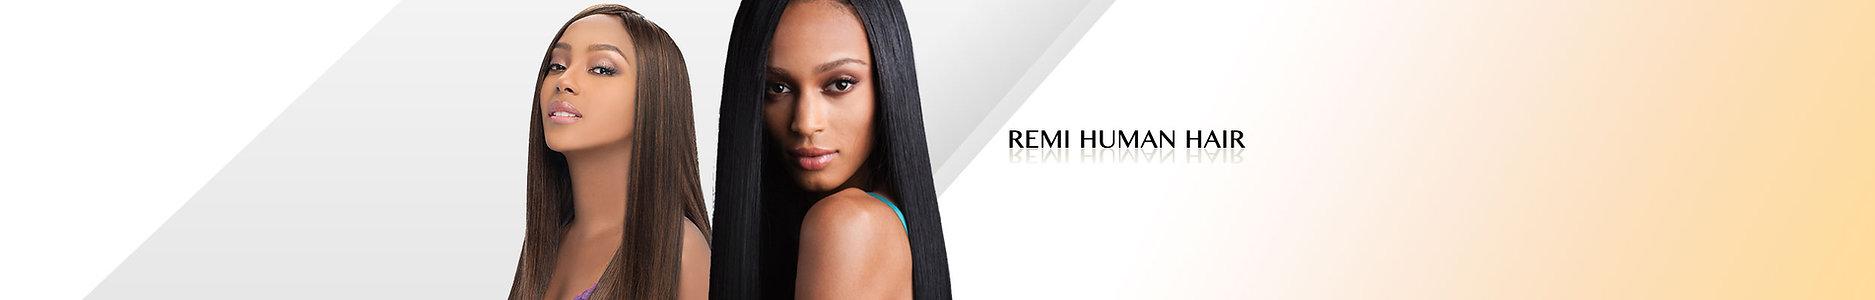 REMI-HUMAN-HAIR.jpg